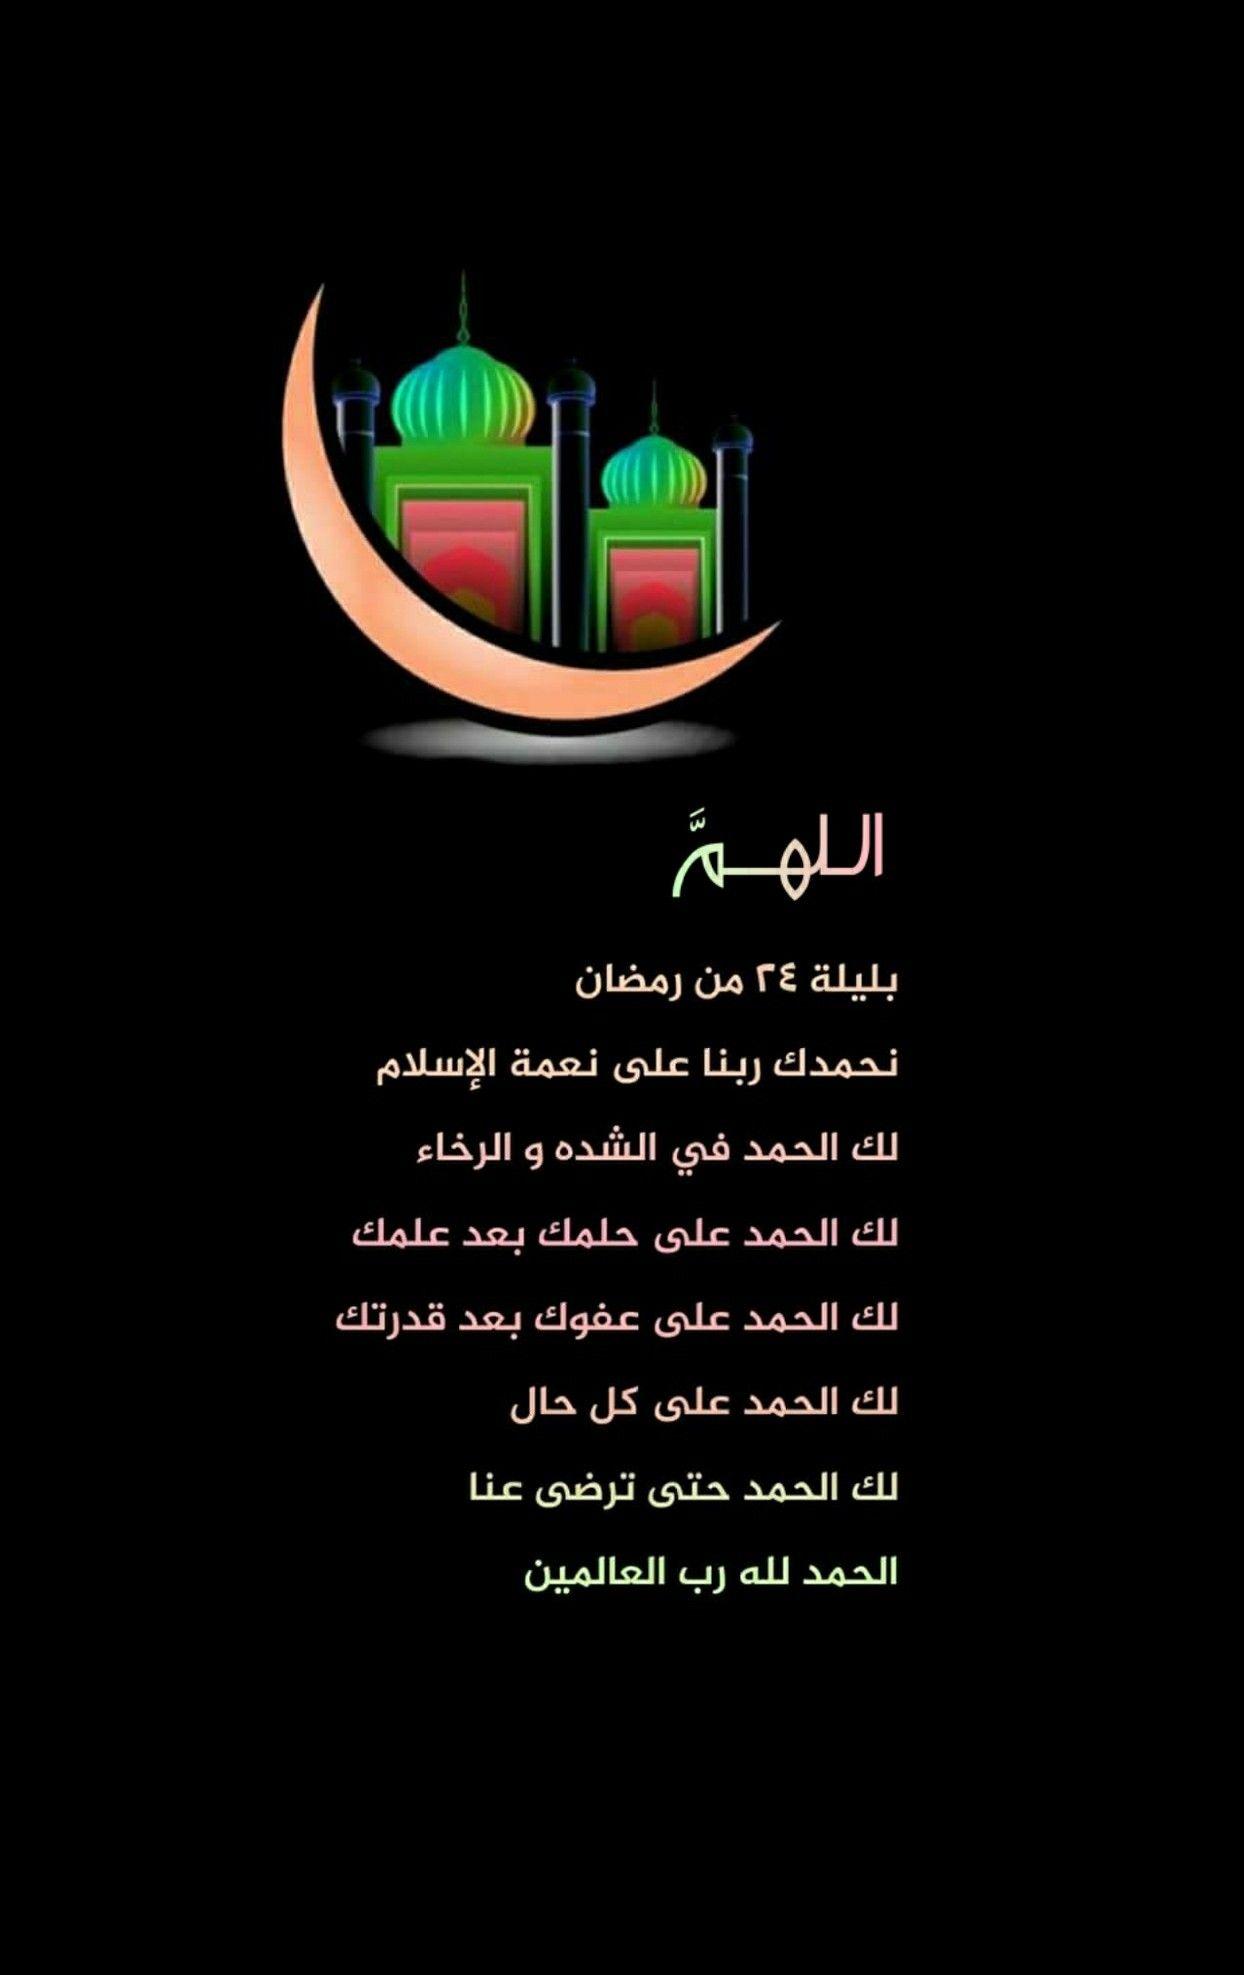 Desertrose اللهــــم في شهر رمضان المبارك نحمدك ربنا على نعمة الإسلام لك الحمد في الشده و الرخاء لك الحمد على ح Ramadan Day Ramadan Cards Ramadan Greetings